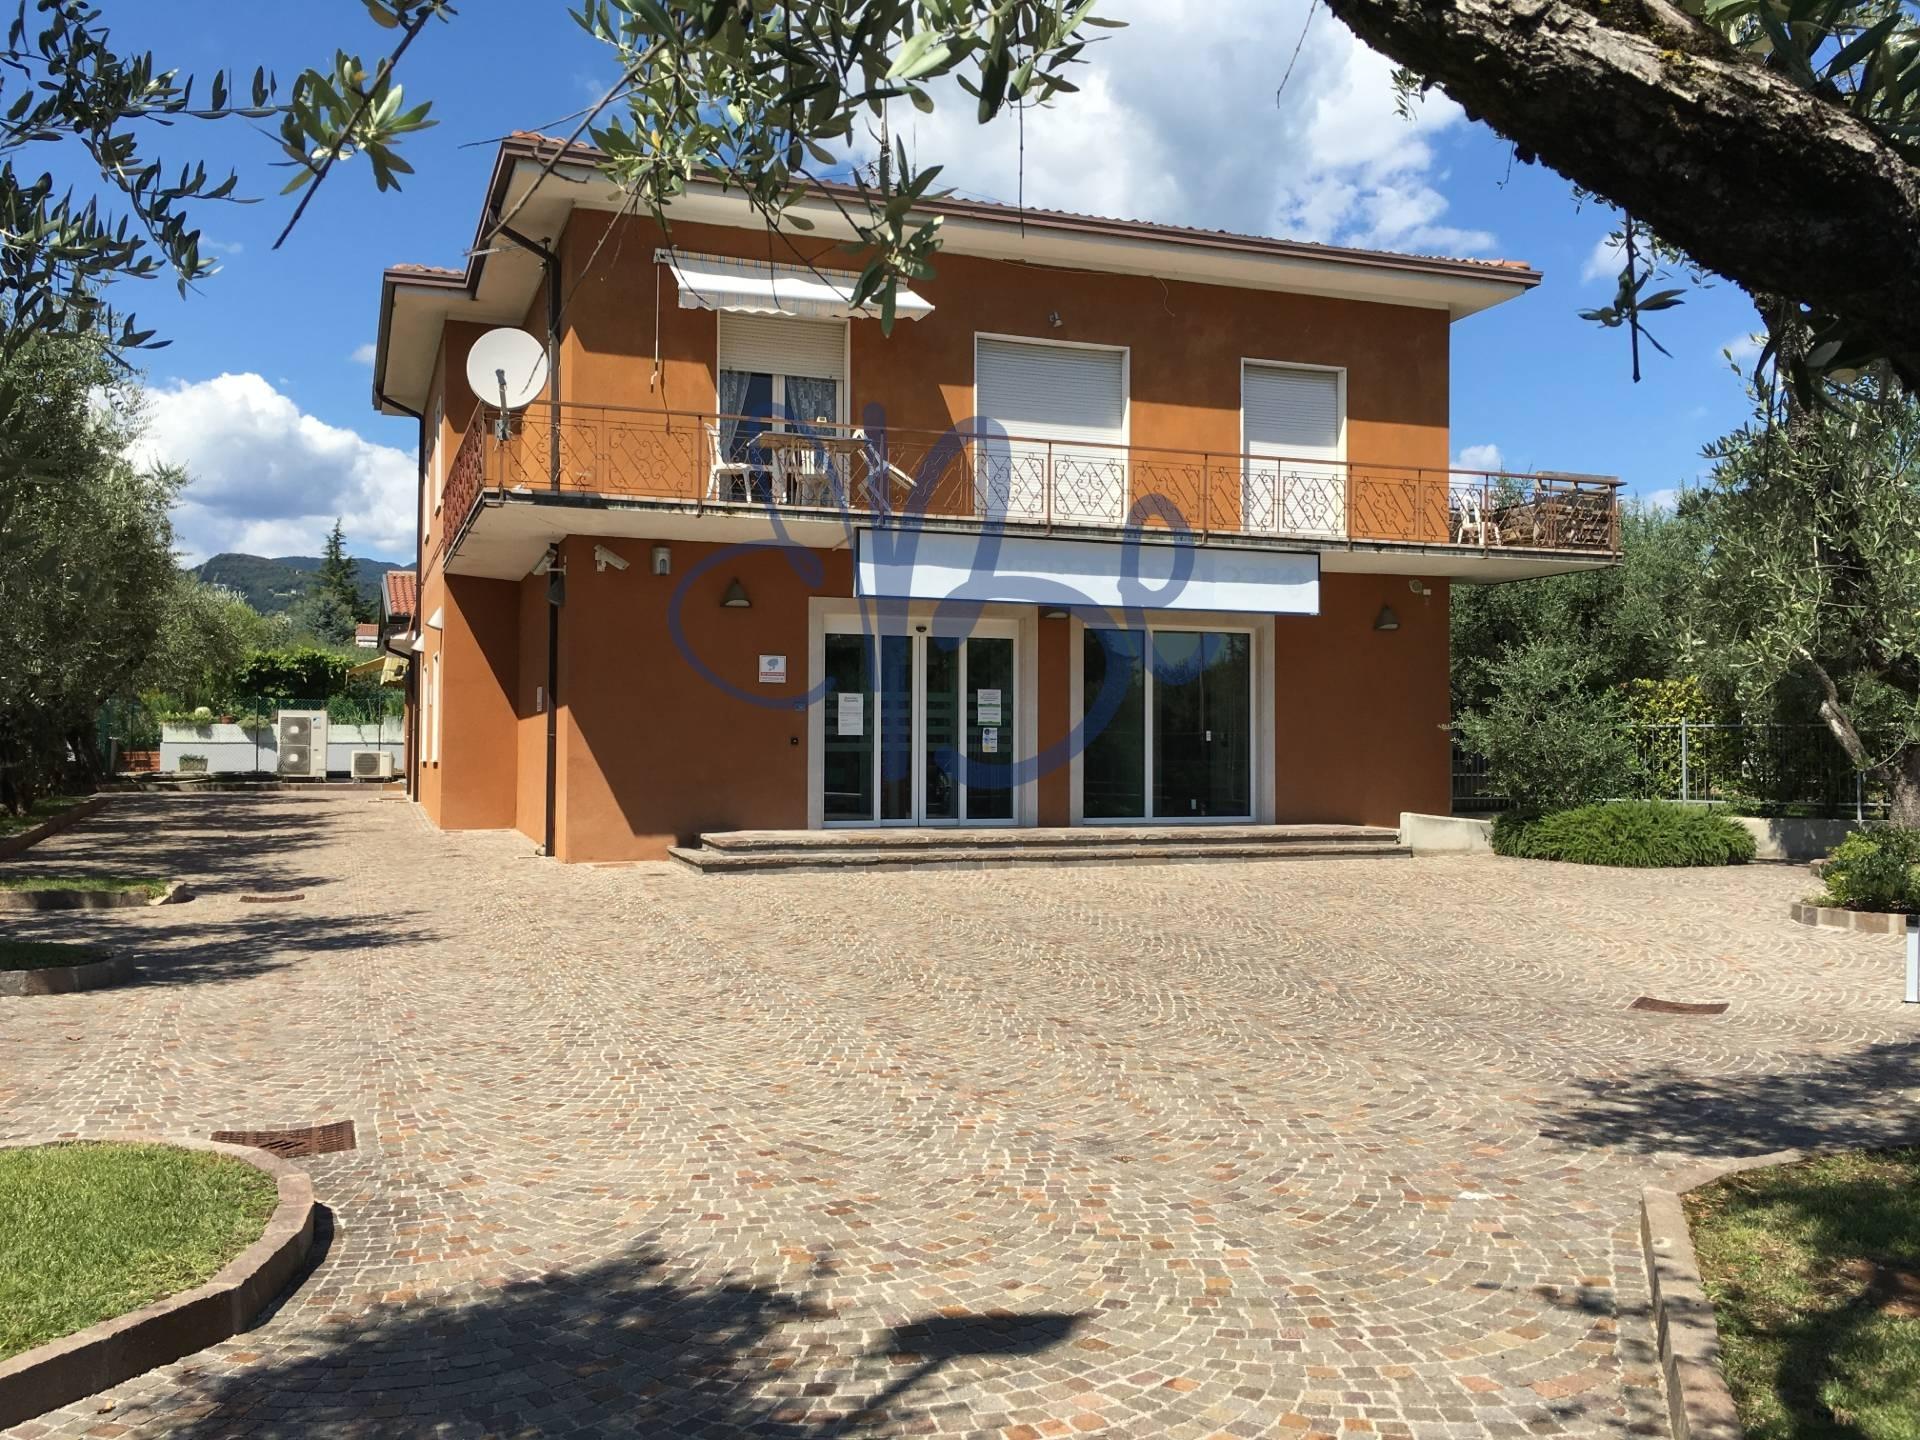 Negozio / Locale in affitto a San Felice del Benaco, 9999 locali, prezzo € 1.300   CambioCasa.it